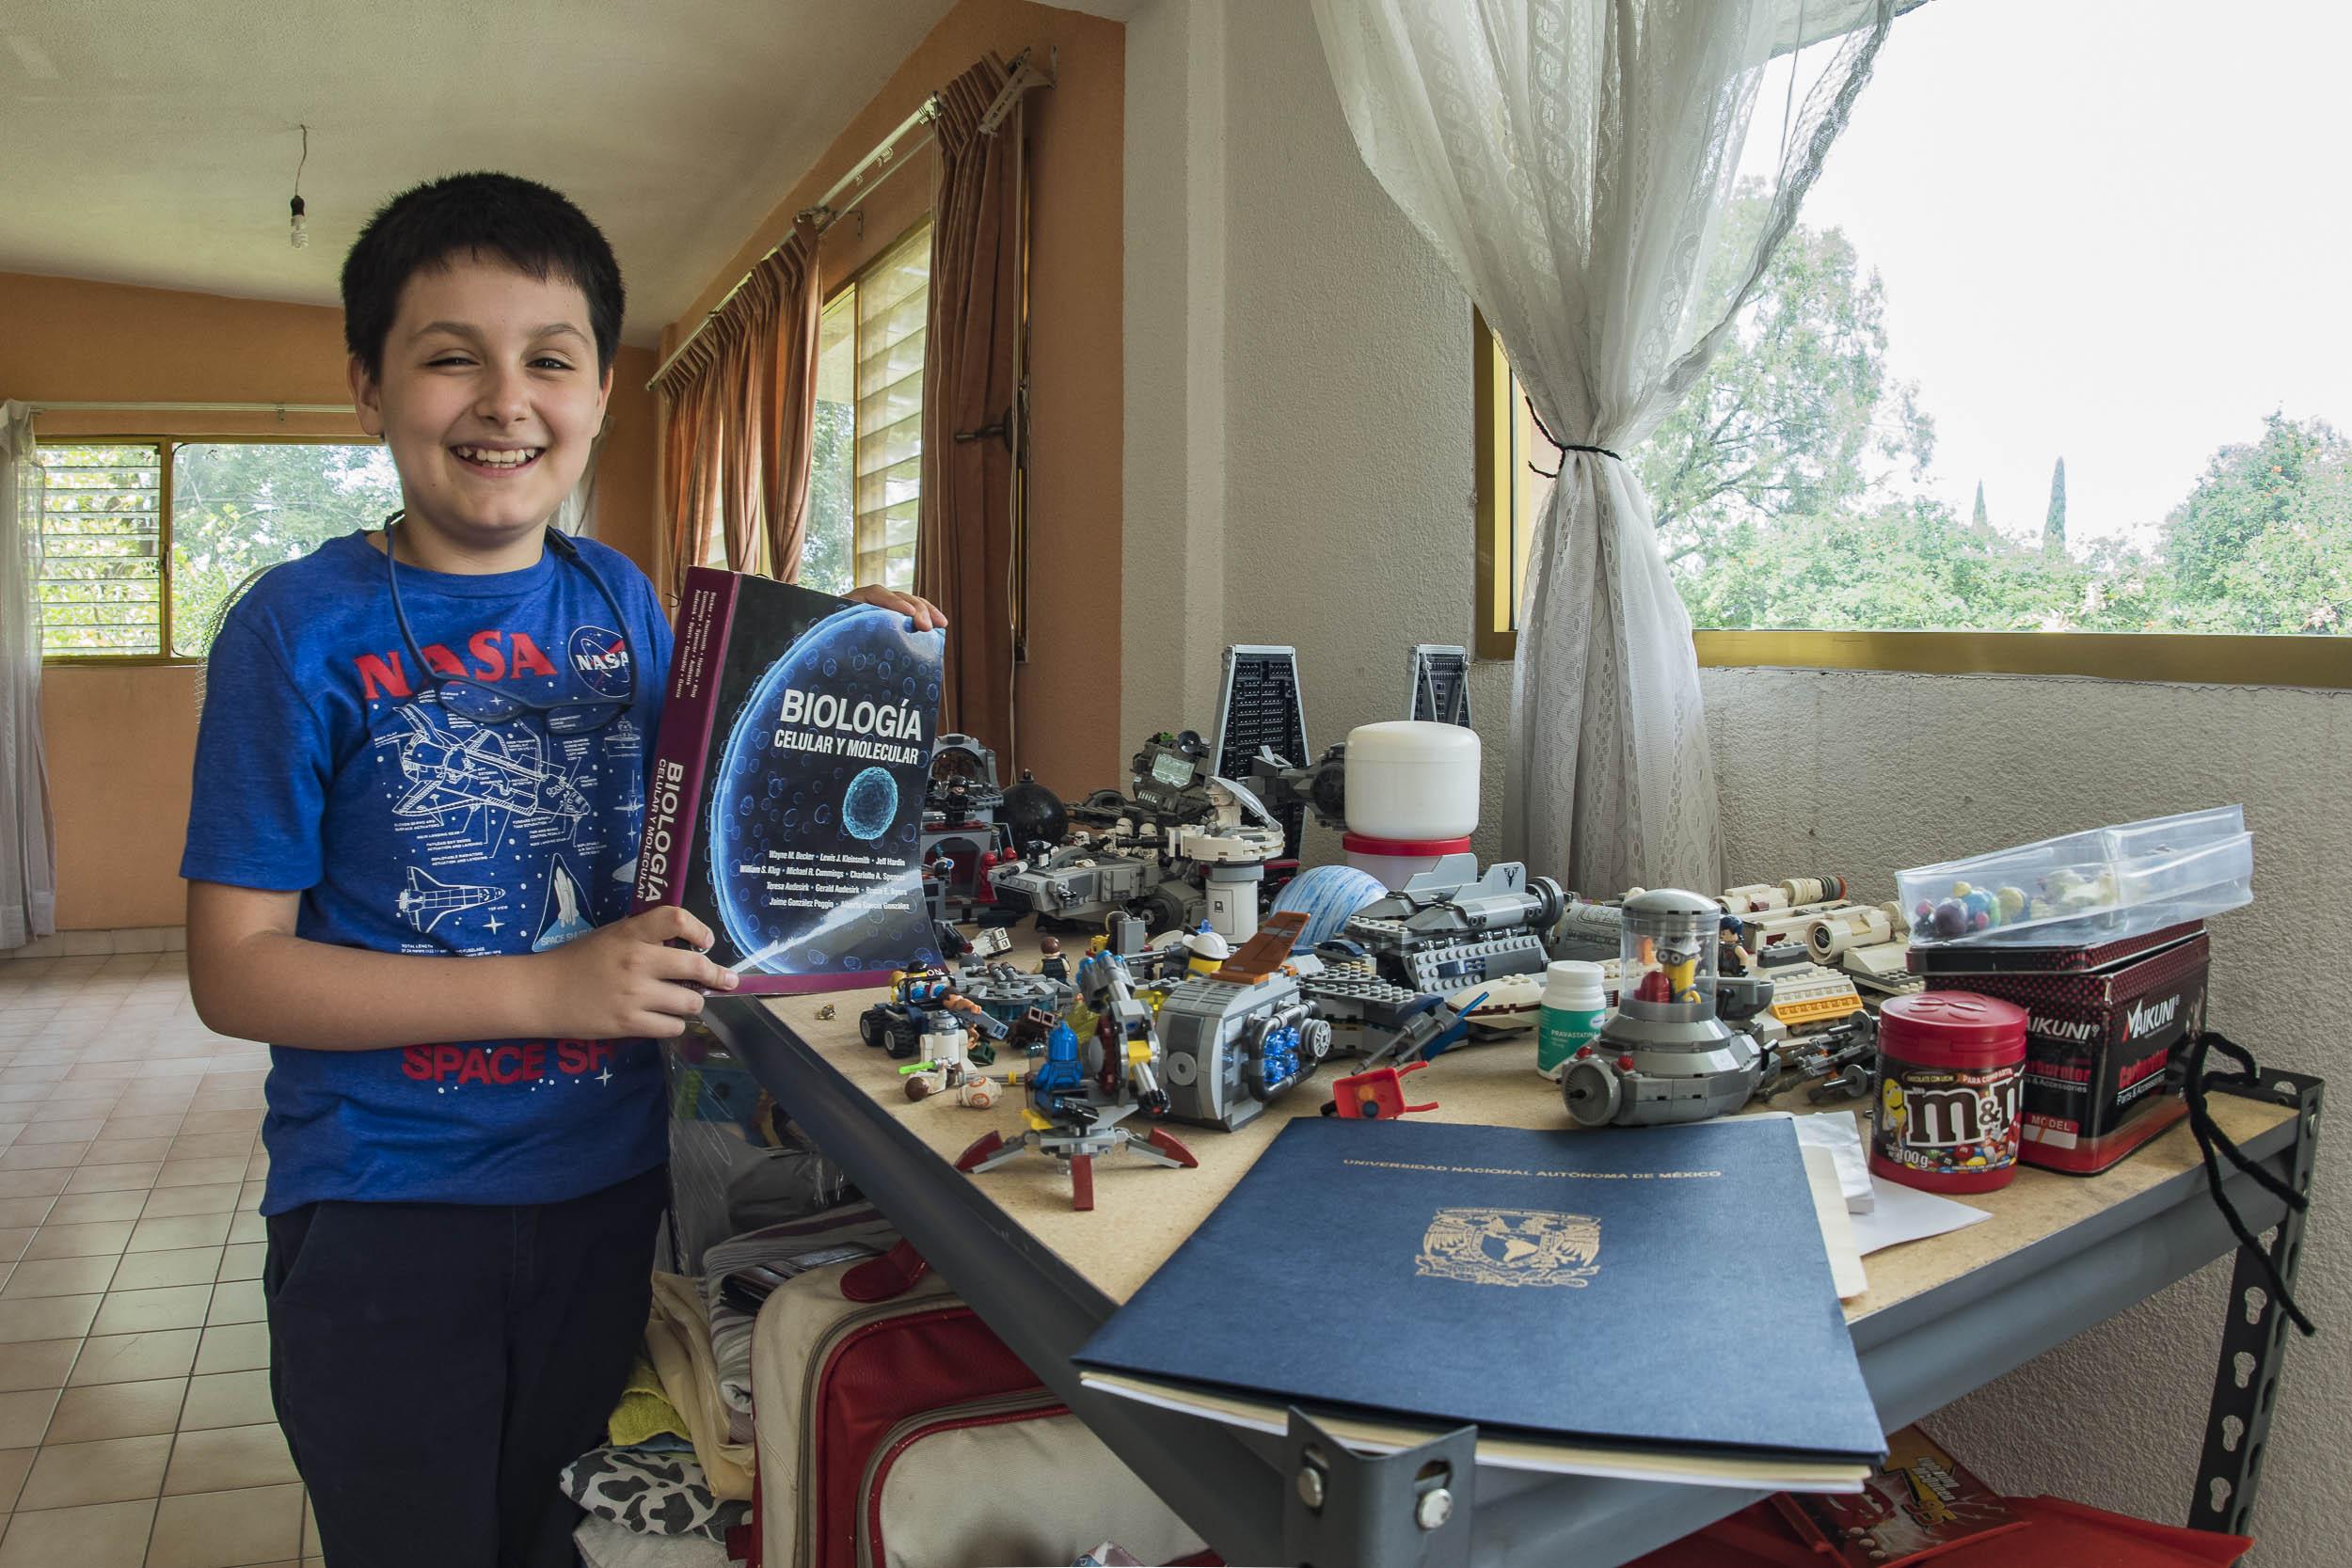 Carlos Antonio Santamaría Díaz, de 12 años, es uno de los estudiantes más jóvenes que ha tenido la Universidad Nacional Autónoma de México. Foto: UNAM